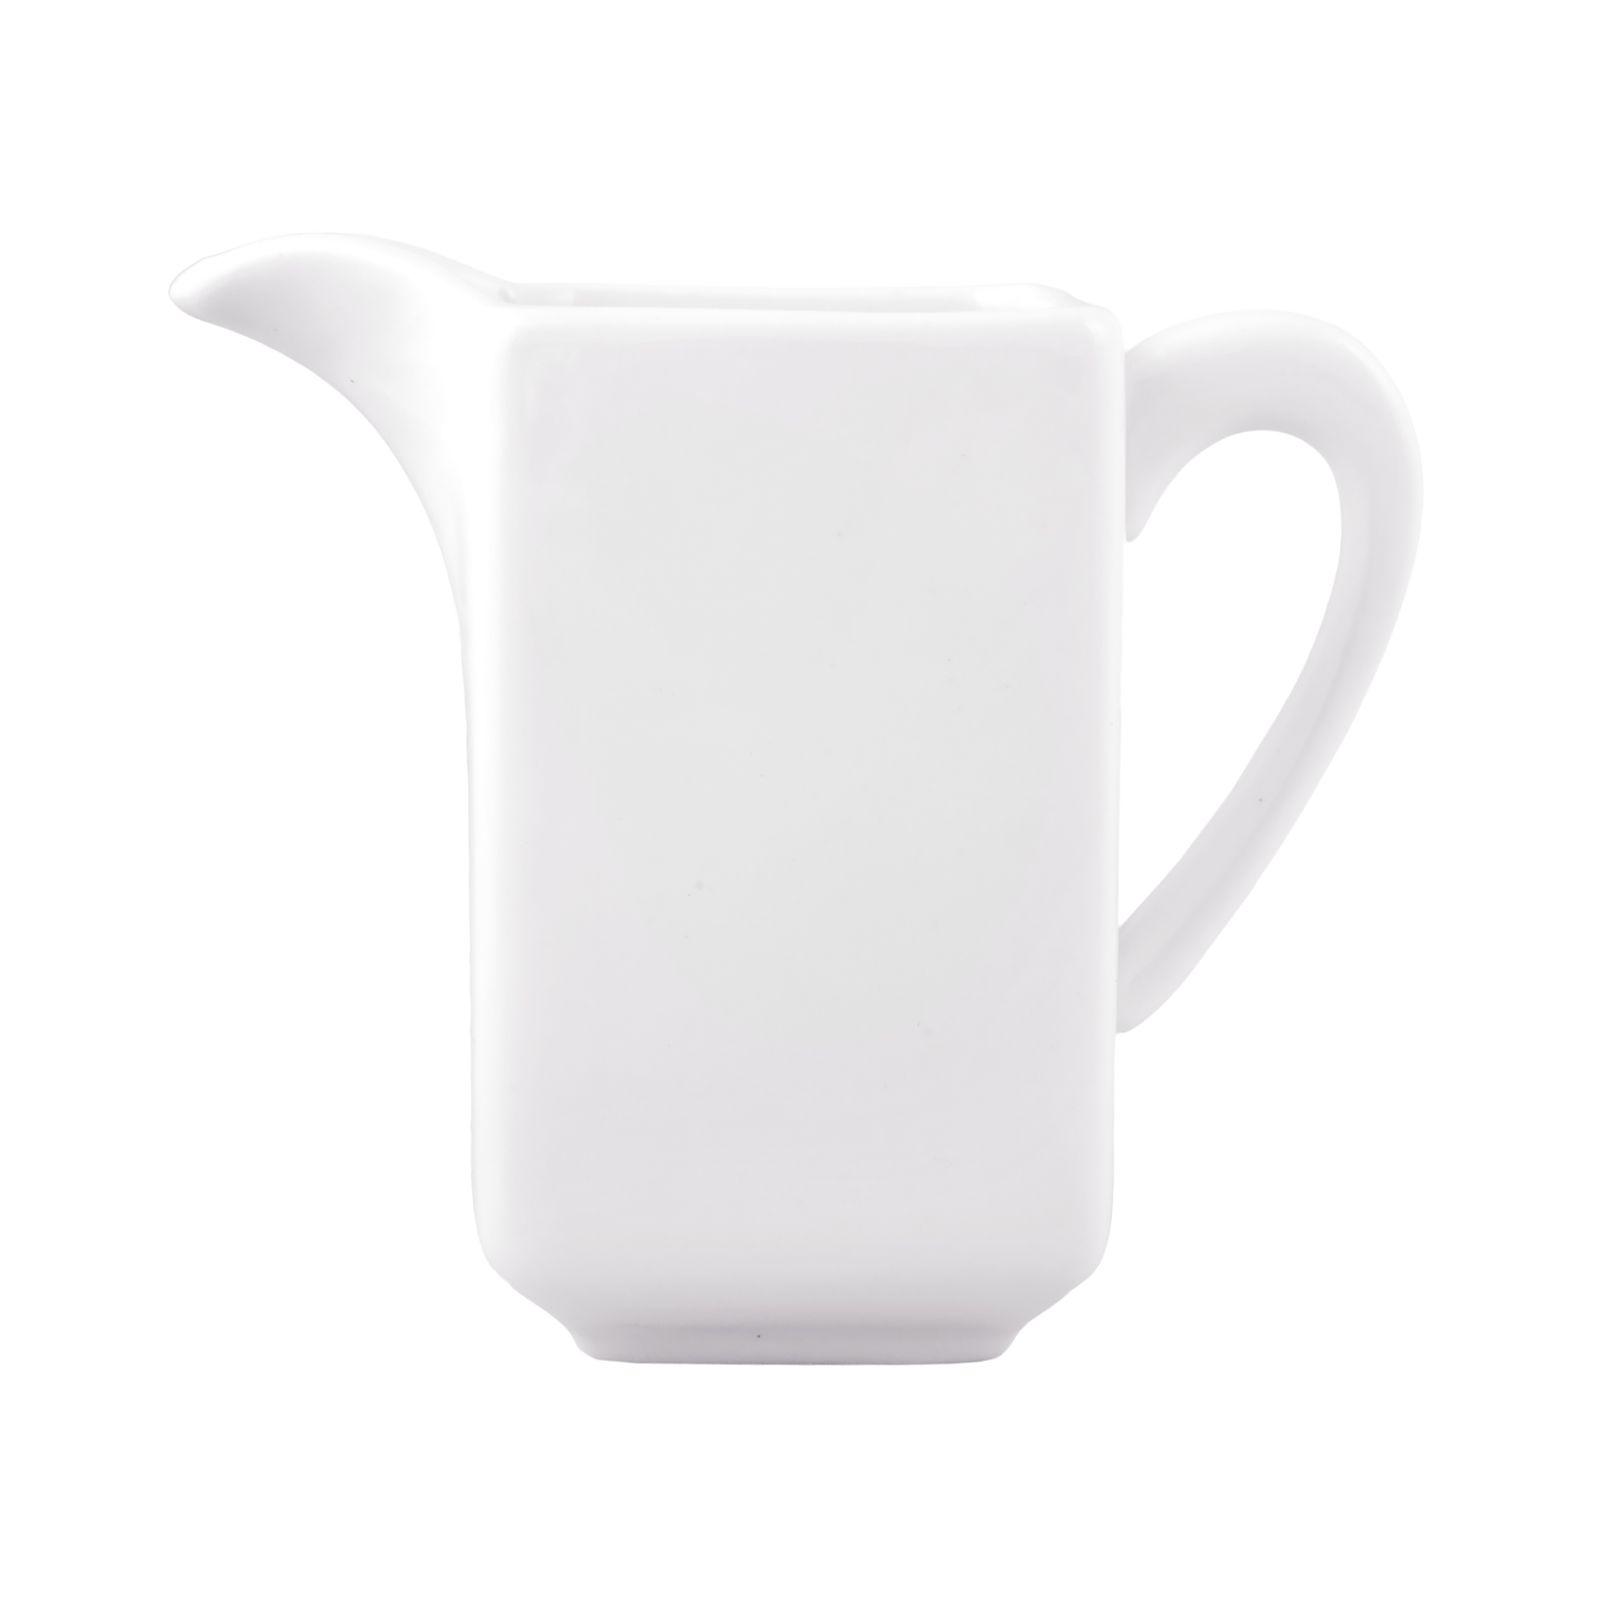 Milk jug 210 ml PORTO